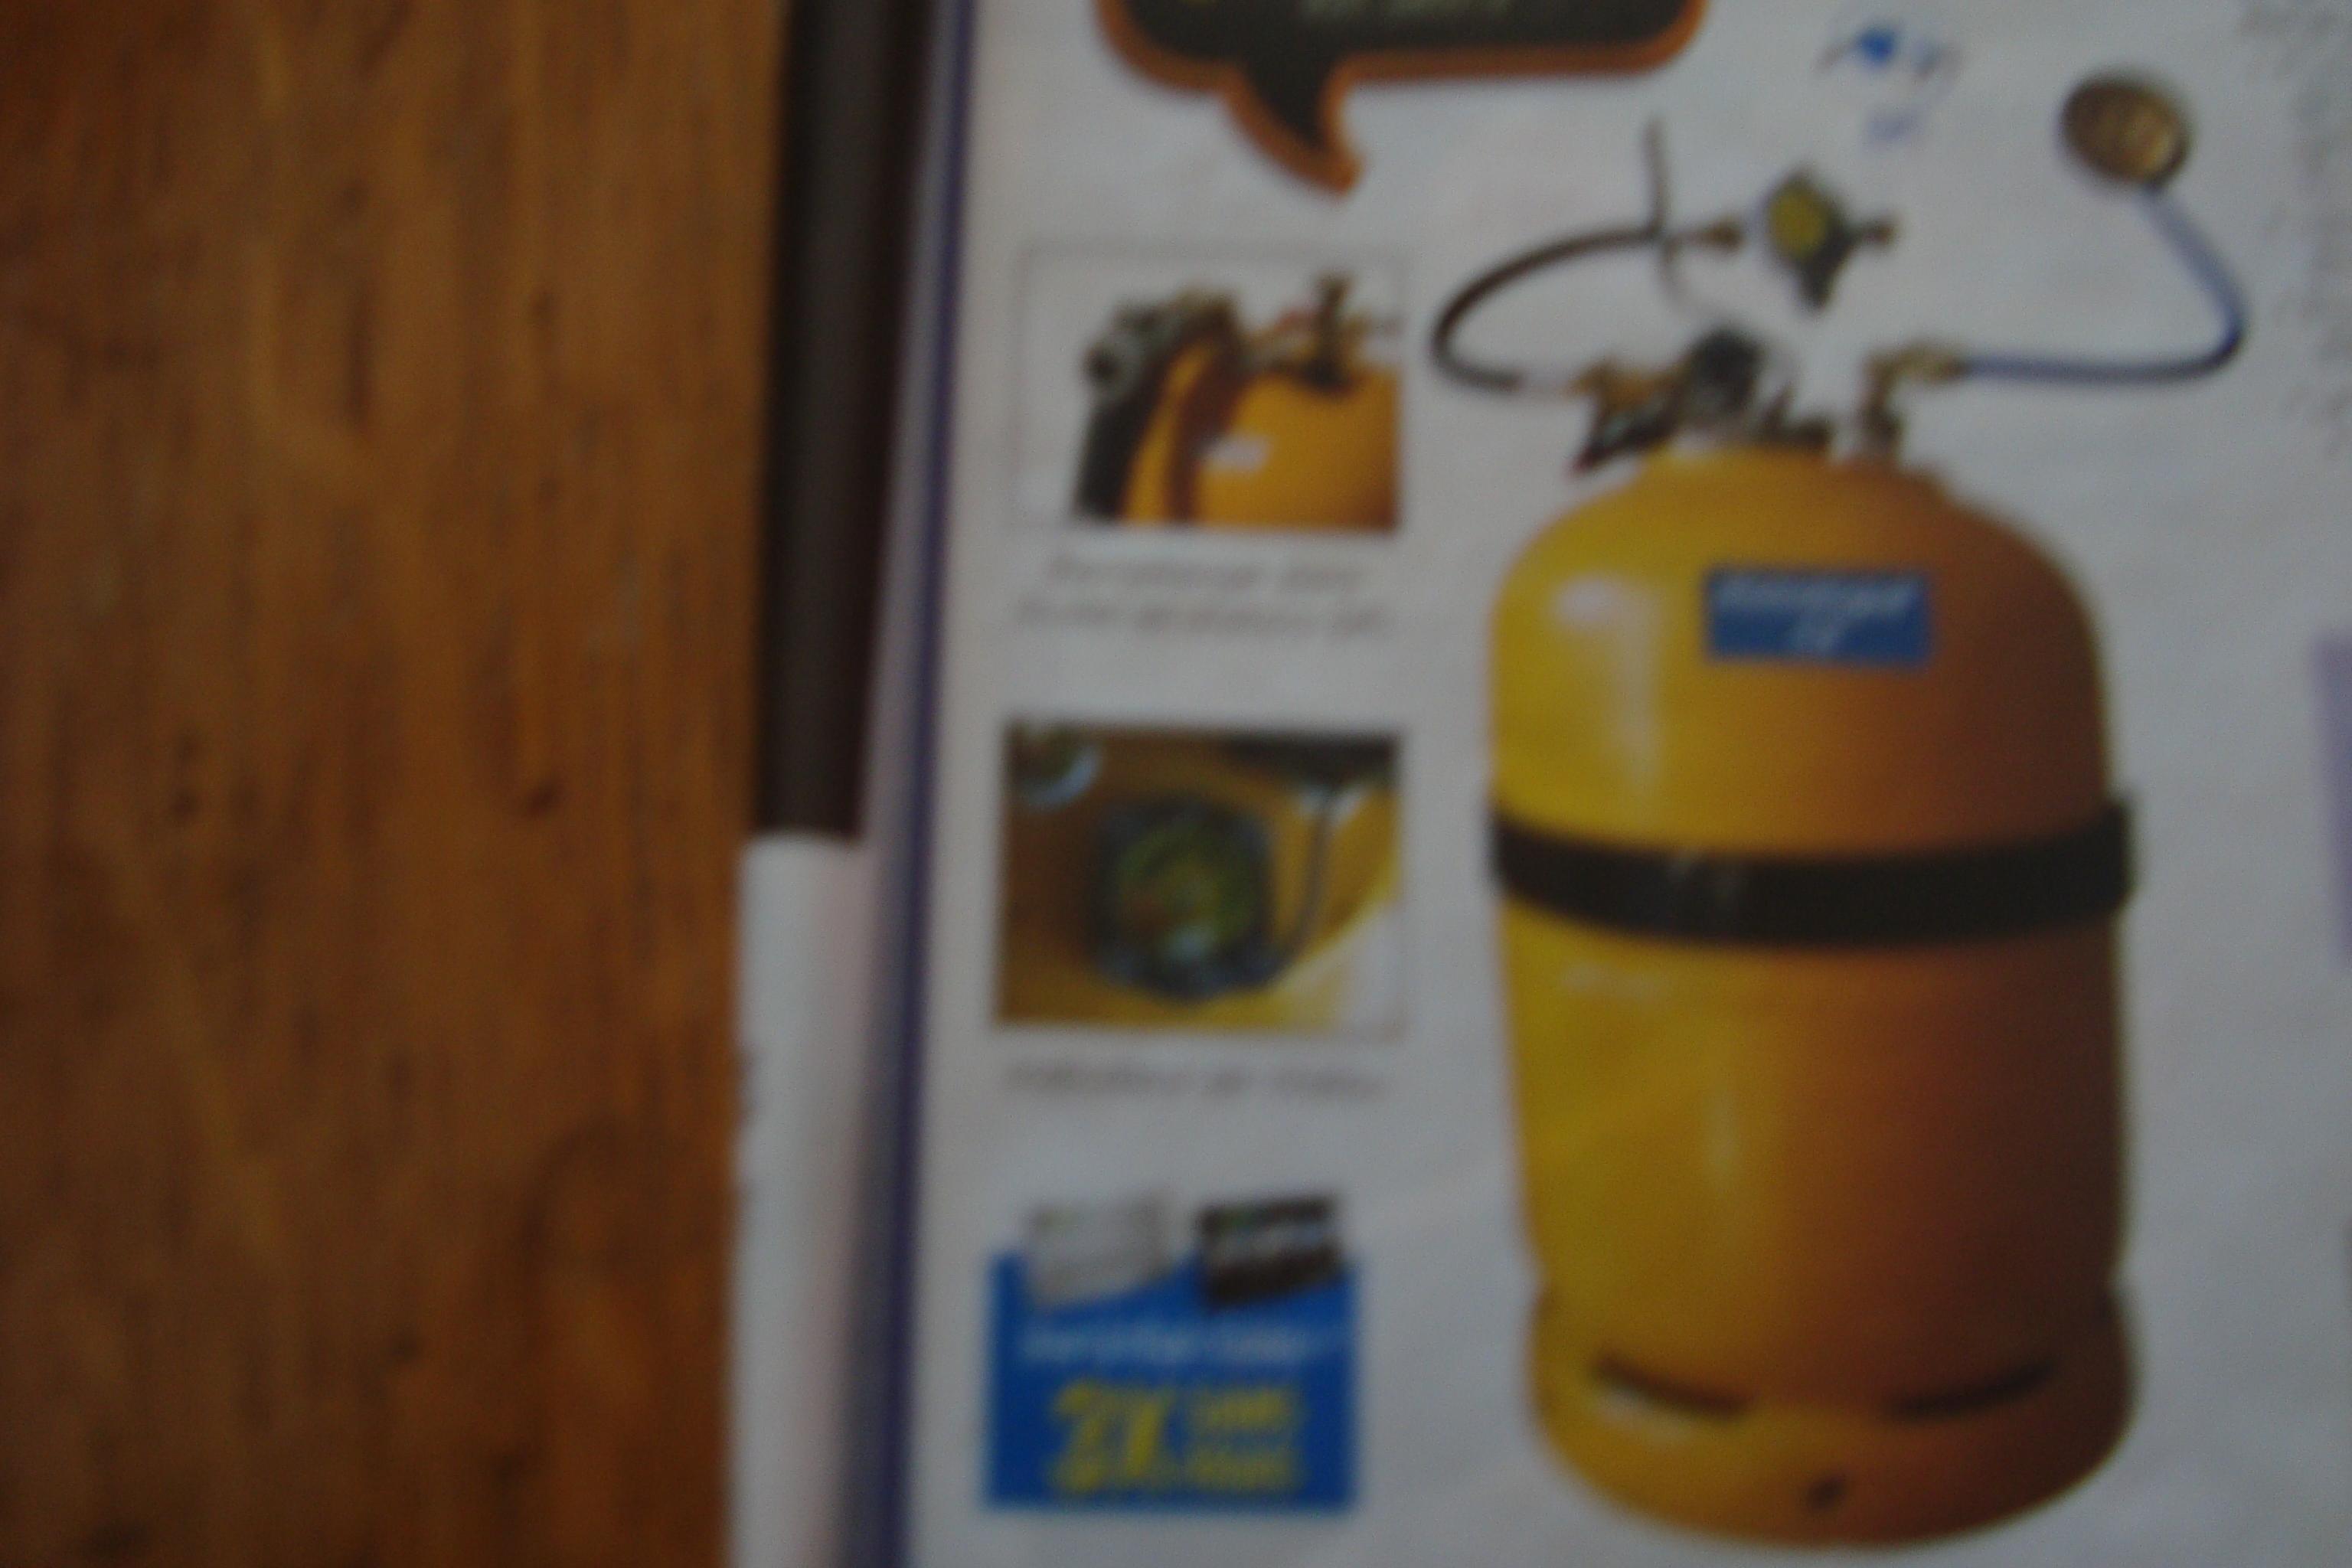 remplir bouteille gaz 13 kg avec du gpl page 6 forum camping car. Black Bedroom Furniture Sets. Home Design Ideas